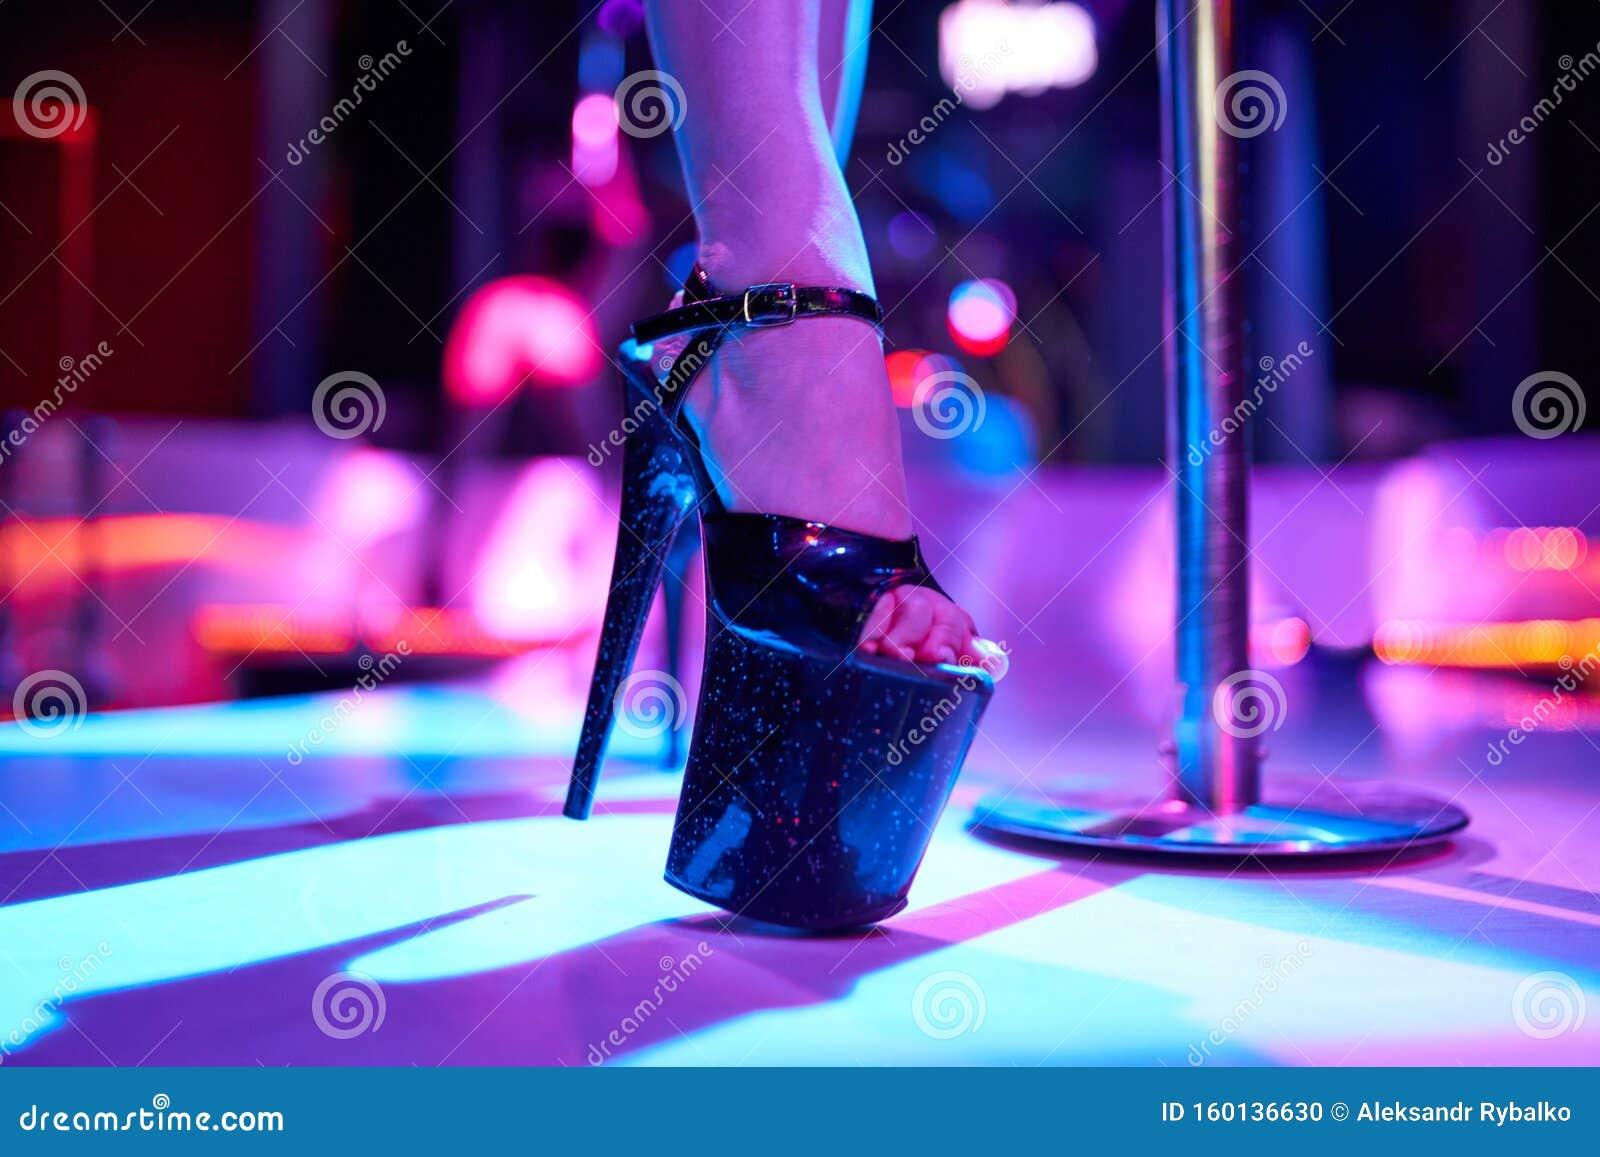 Девочка в стриптиз клубе фитнес клуб румянцево москва